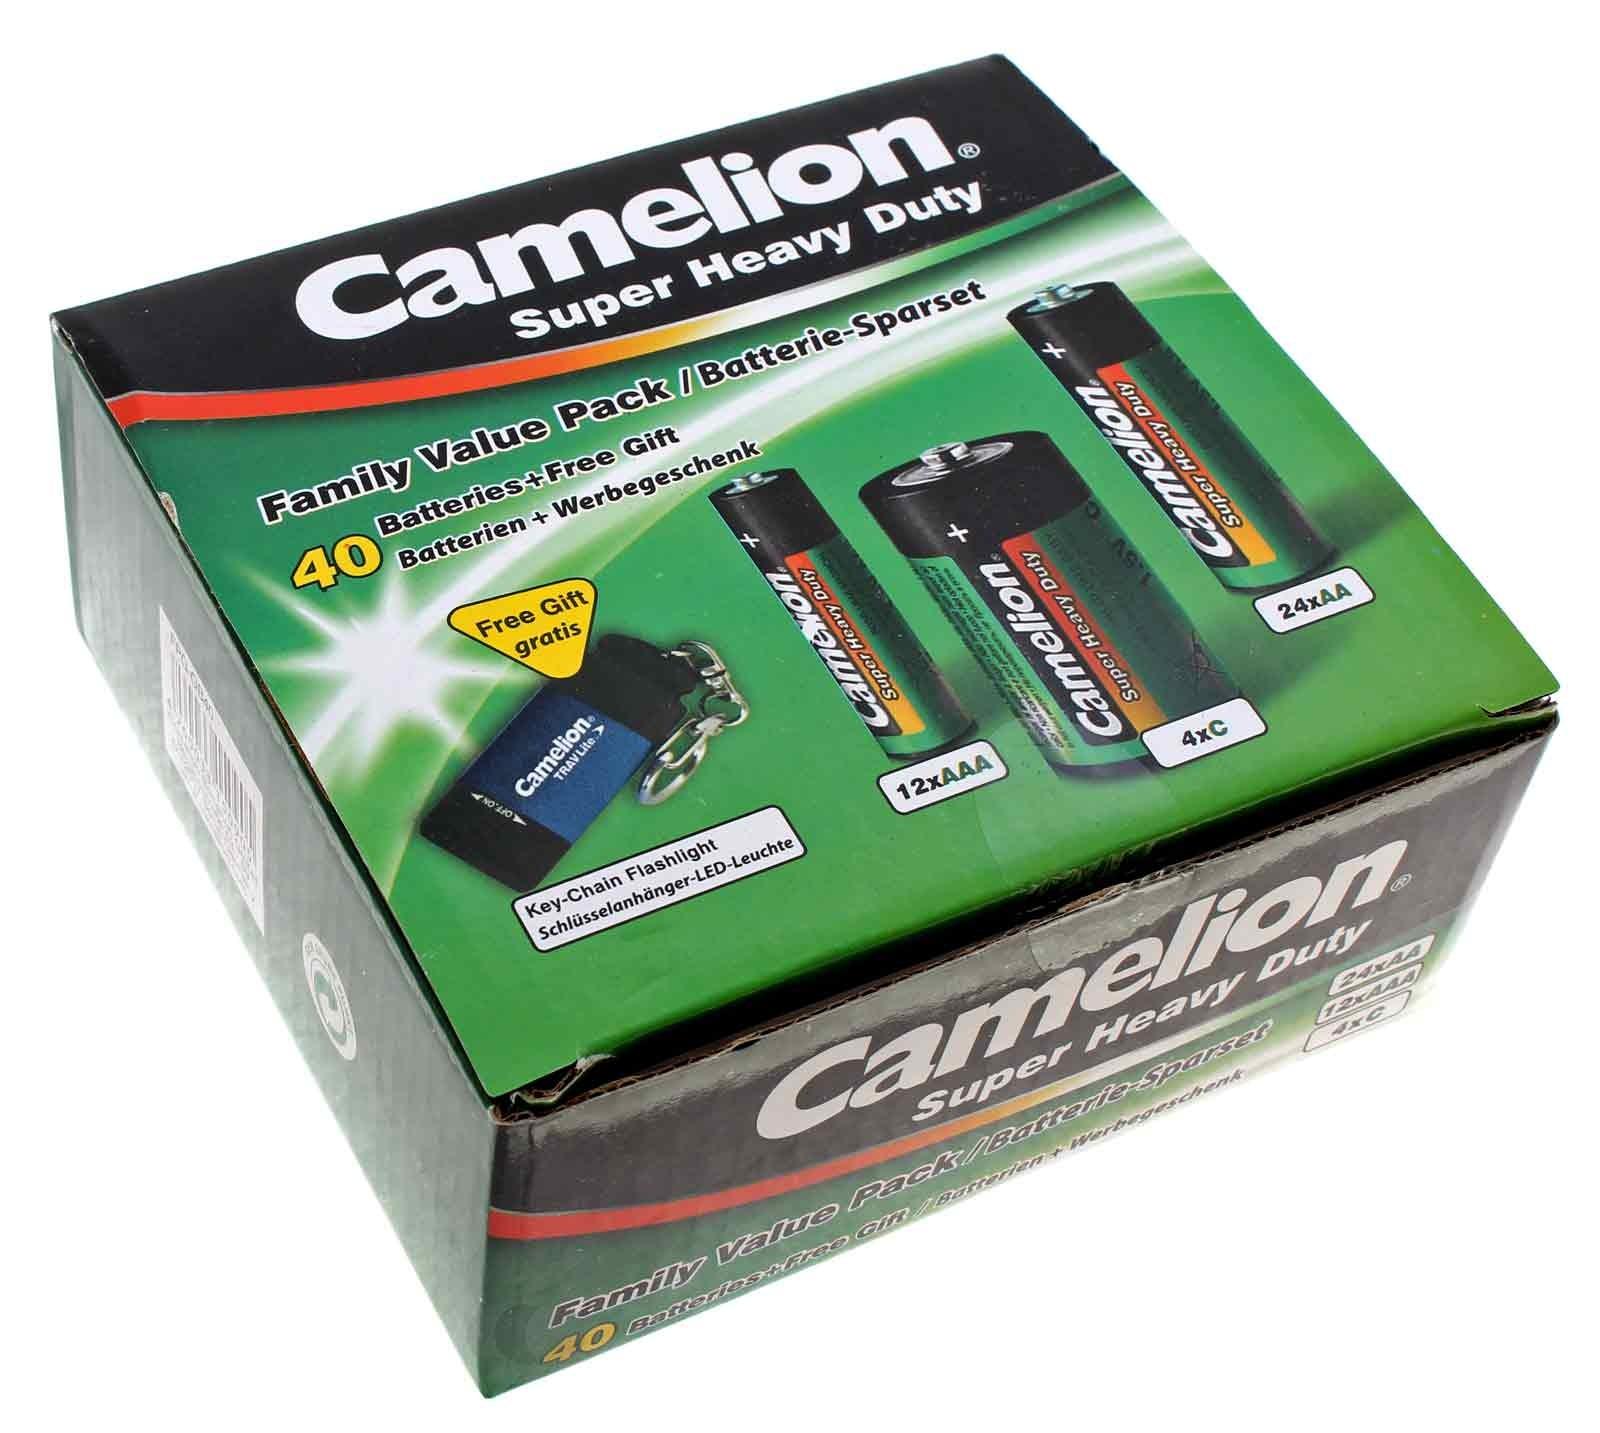 Camelion Batterie Spar-Set 40-tlg 24x AA Mignon, 12x AAA Micro, 4x C Baby und gratis Schlüsselanhänger- Taschenlampe